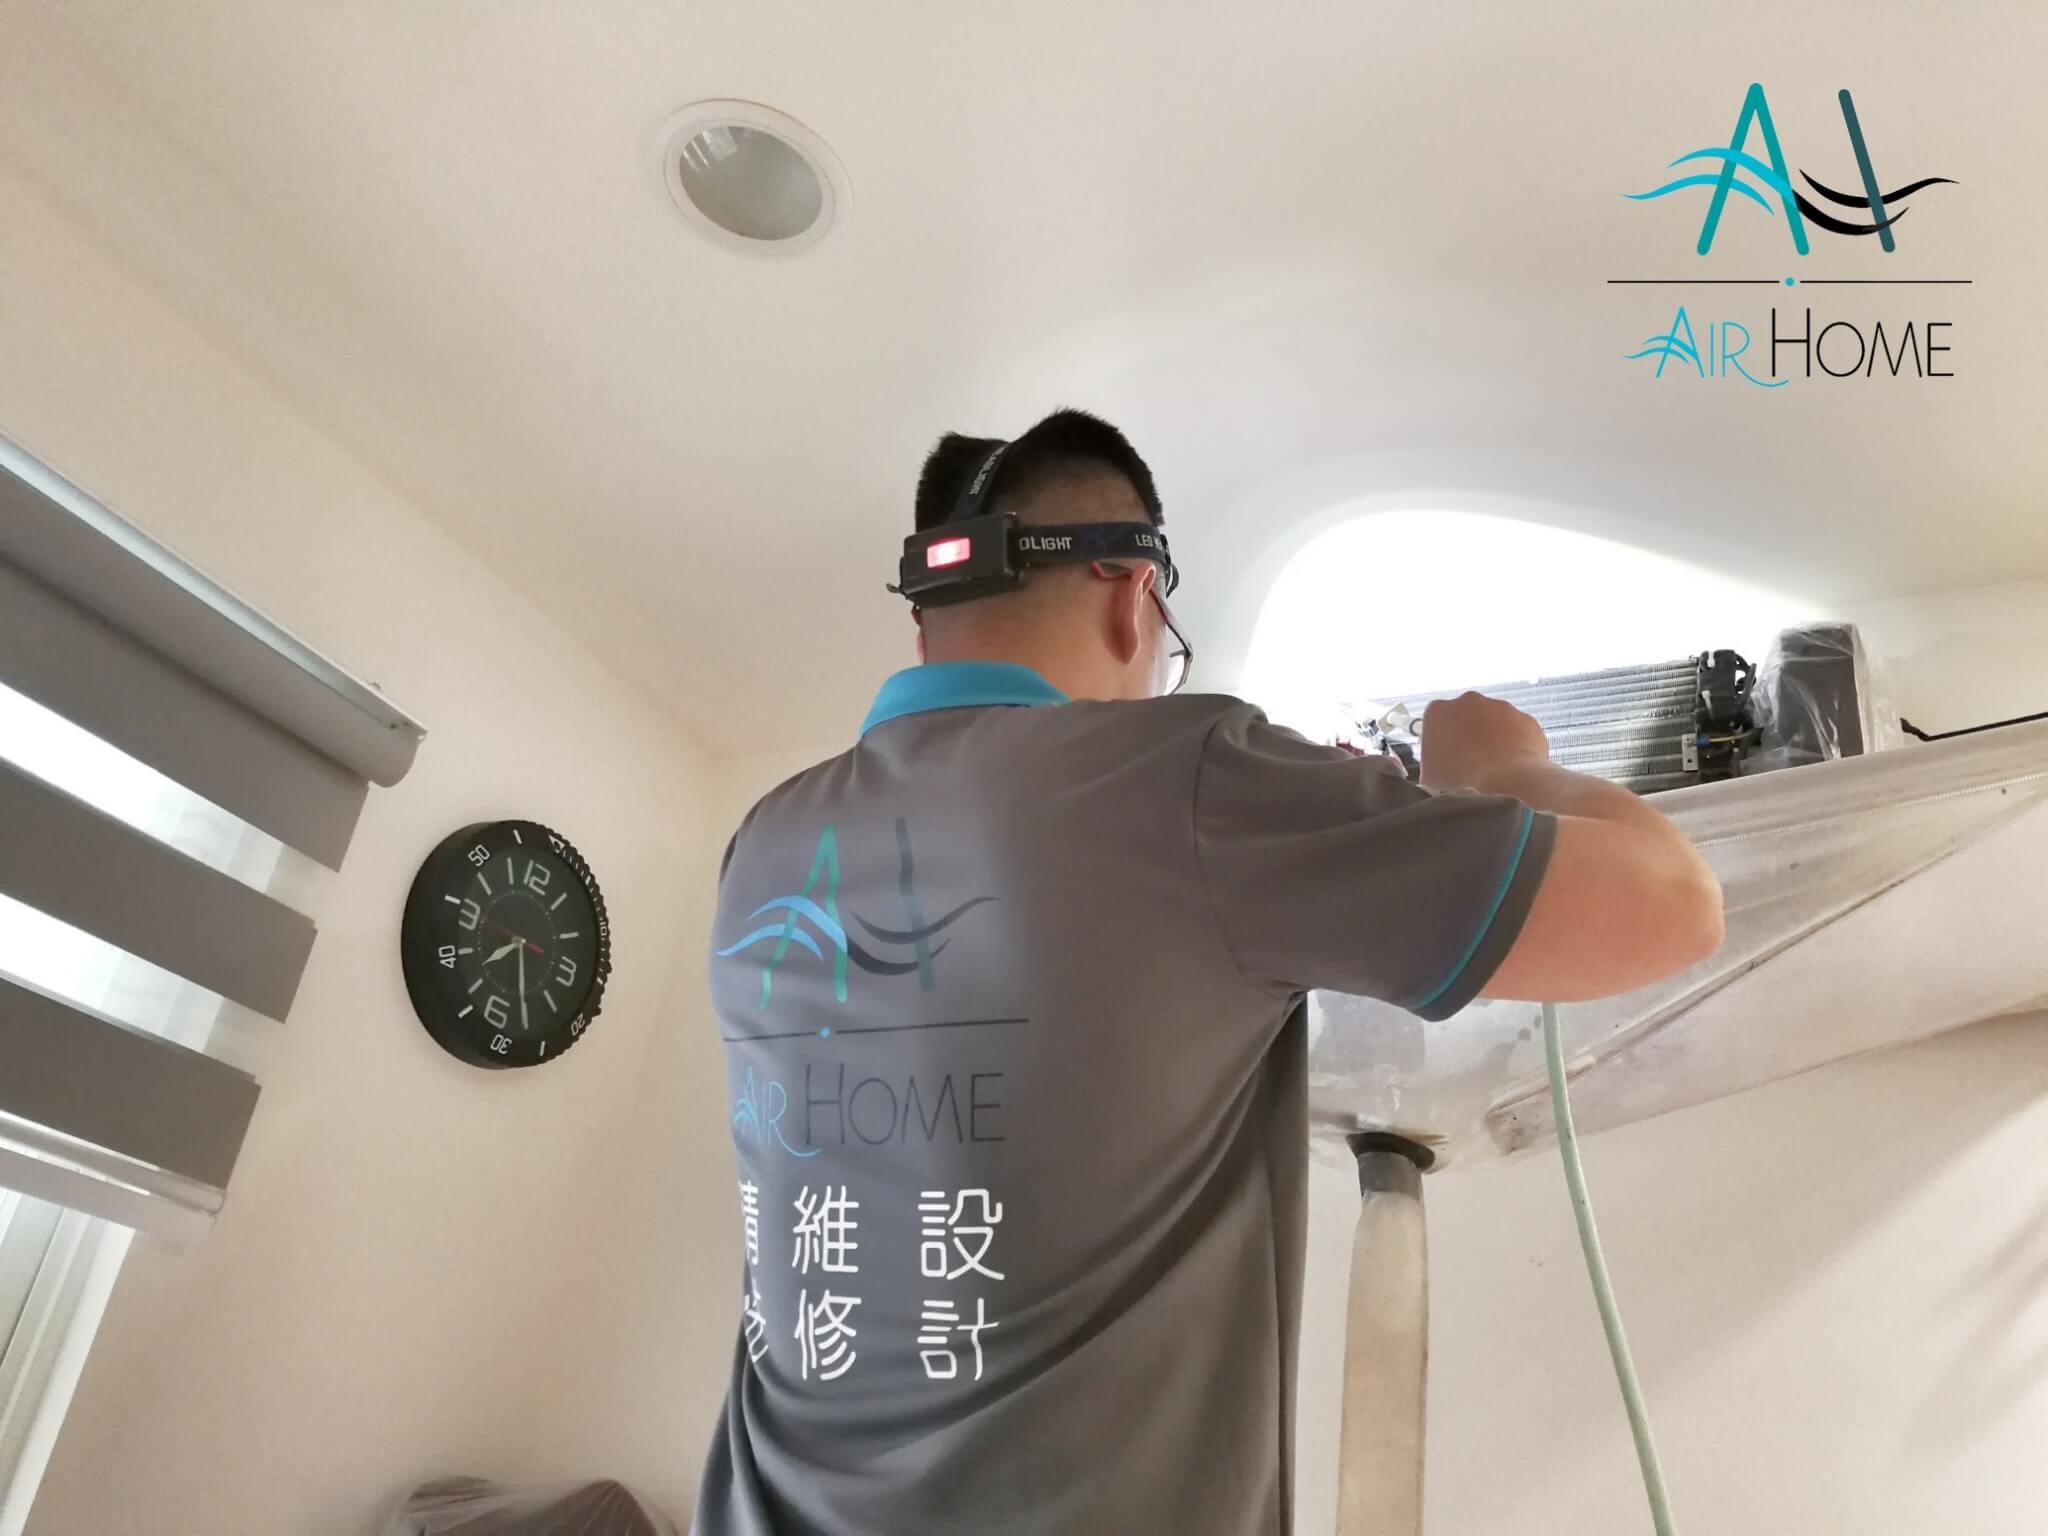 冷氣維修冷氣機清洗流程